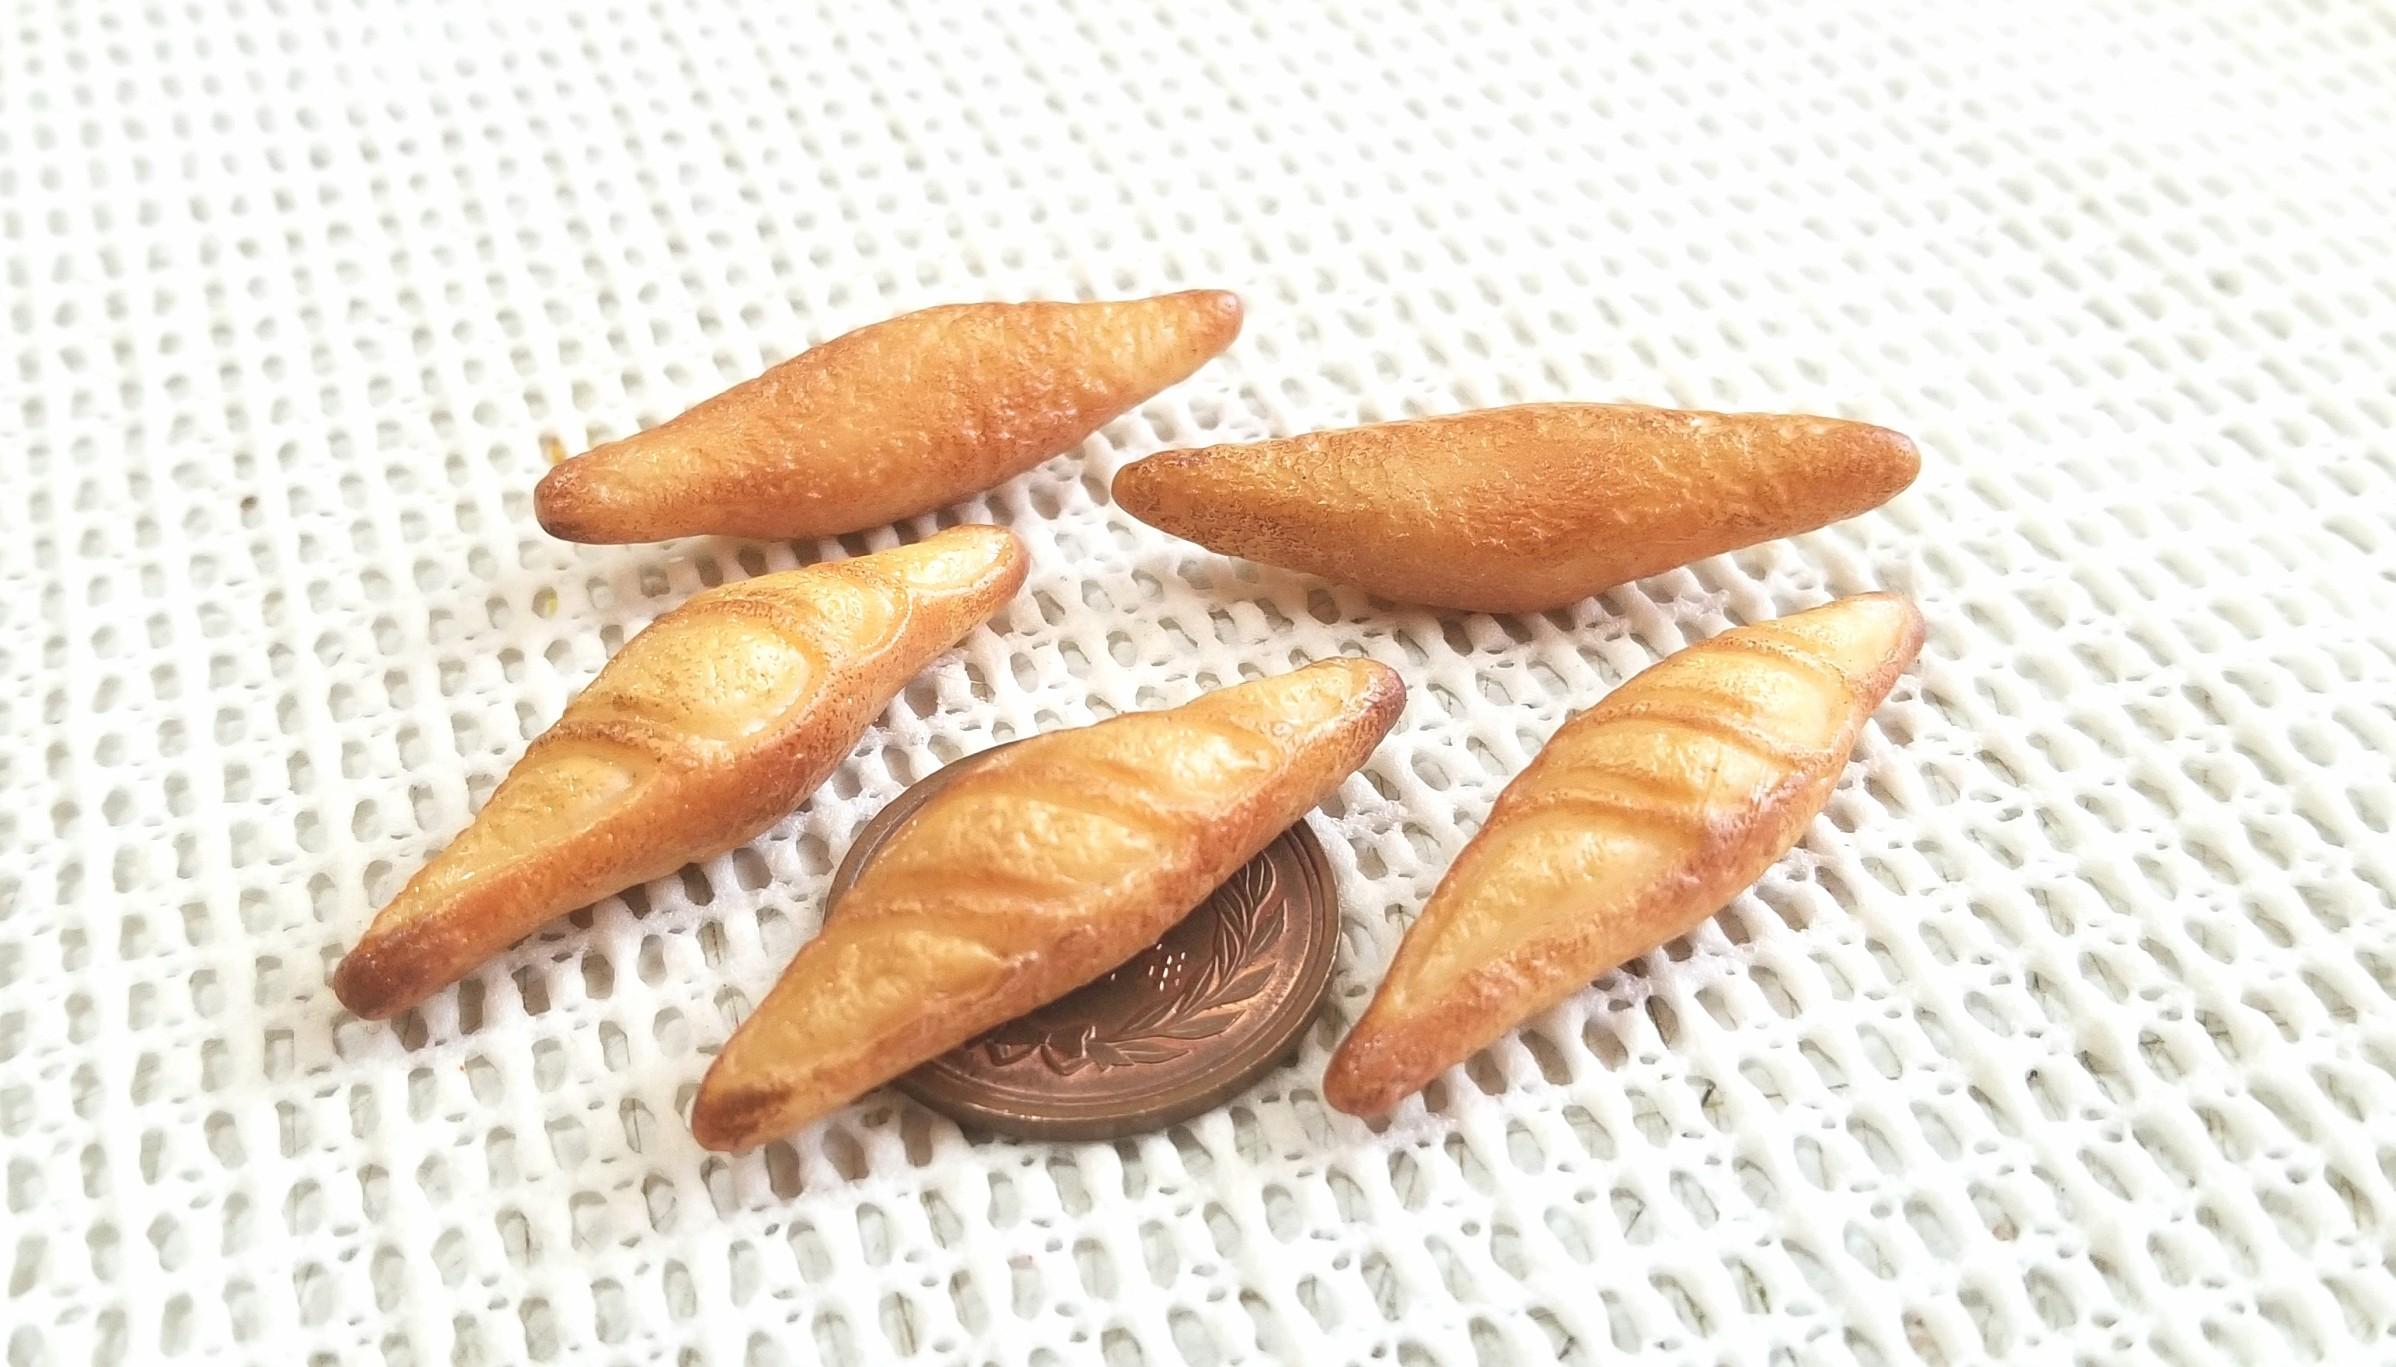 ミニチュアフランスパン,バケット,樹脂粘土,ドール用品小物,美味